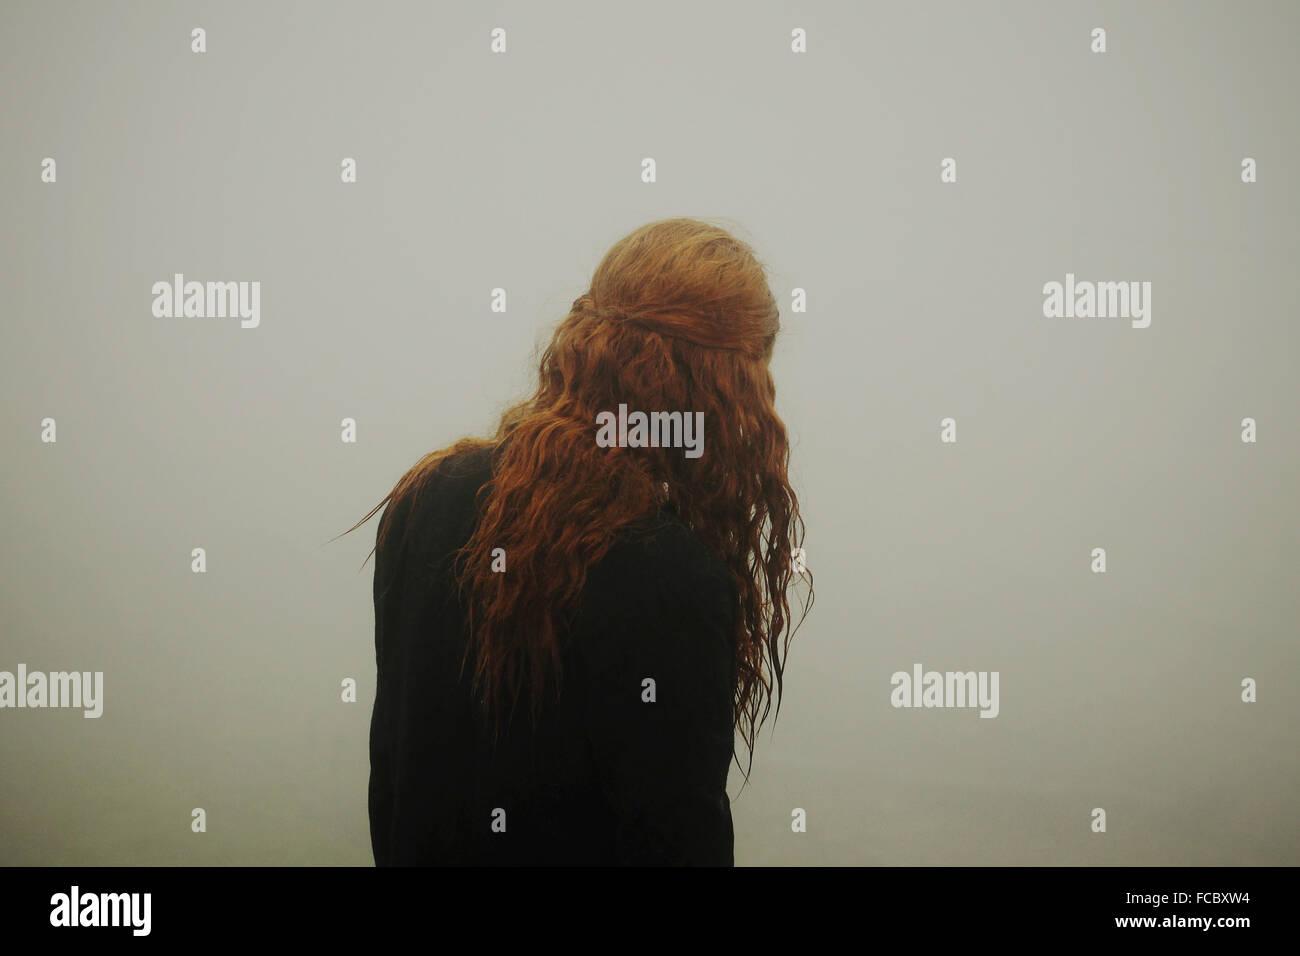 Vue arrière d'une femme aux longs cheveux rouges Photo Stock